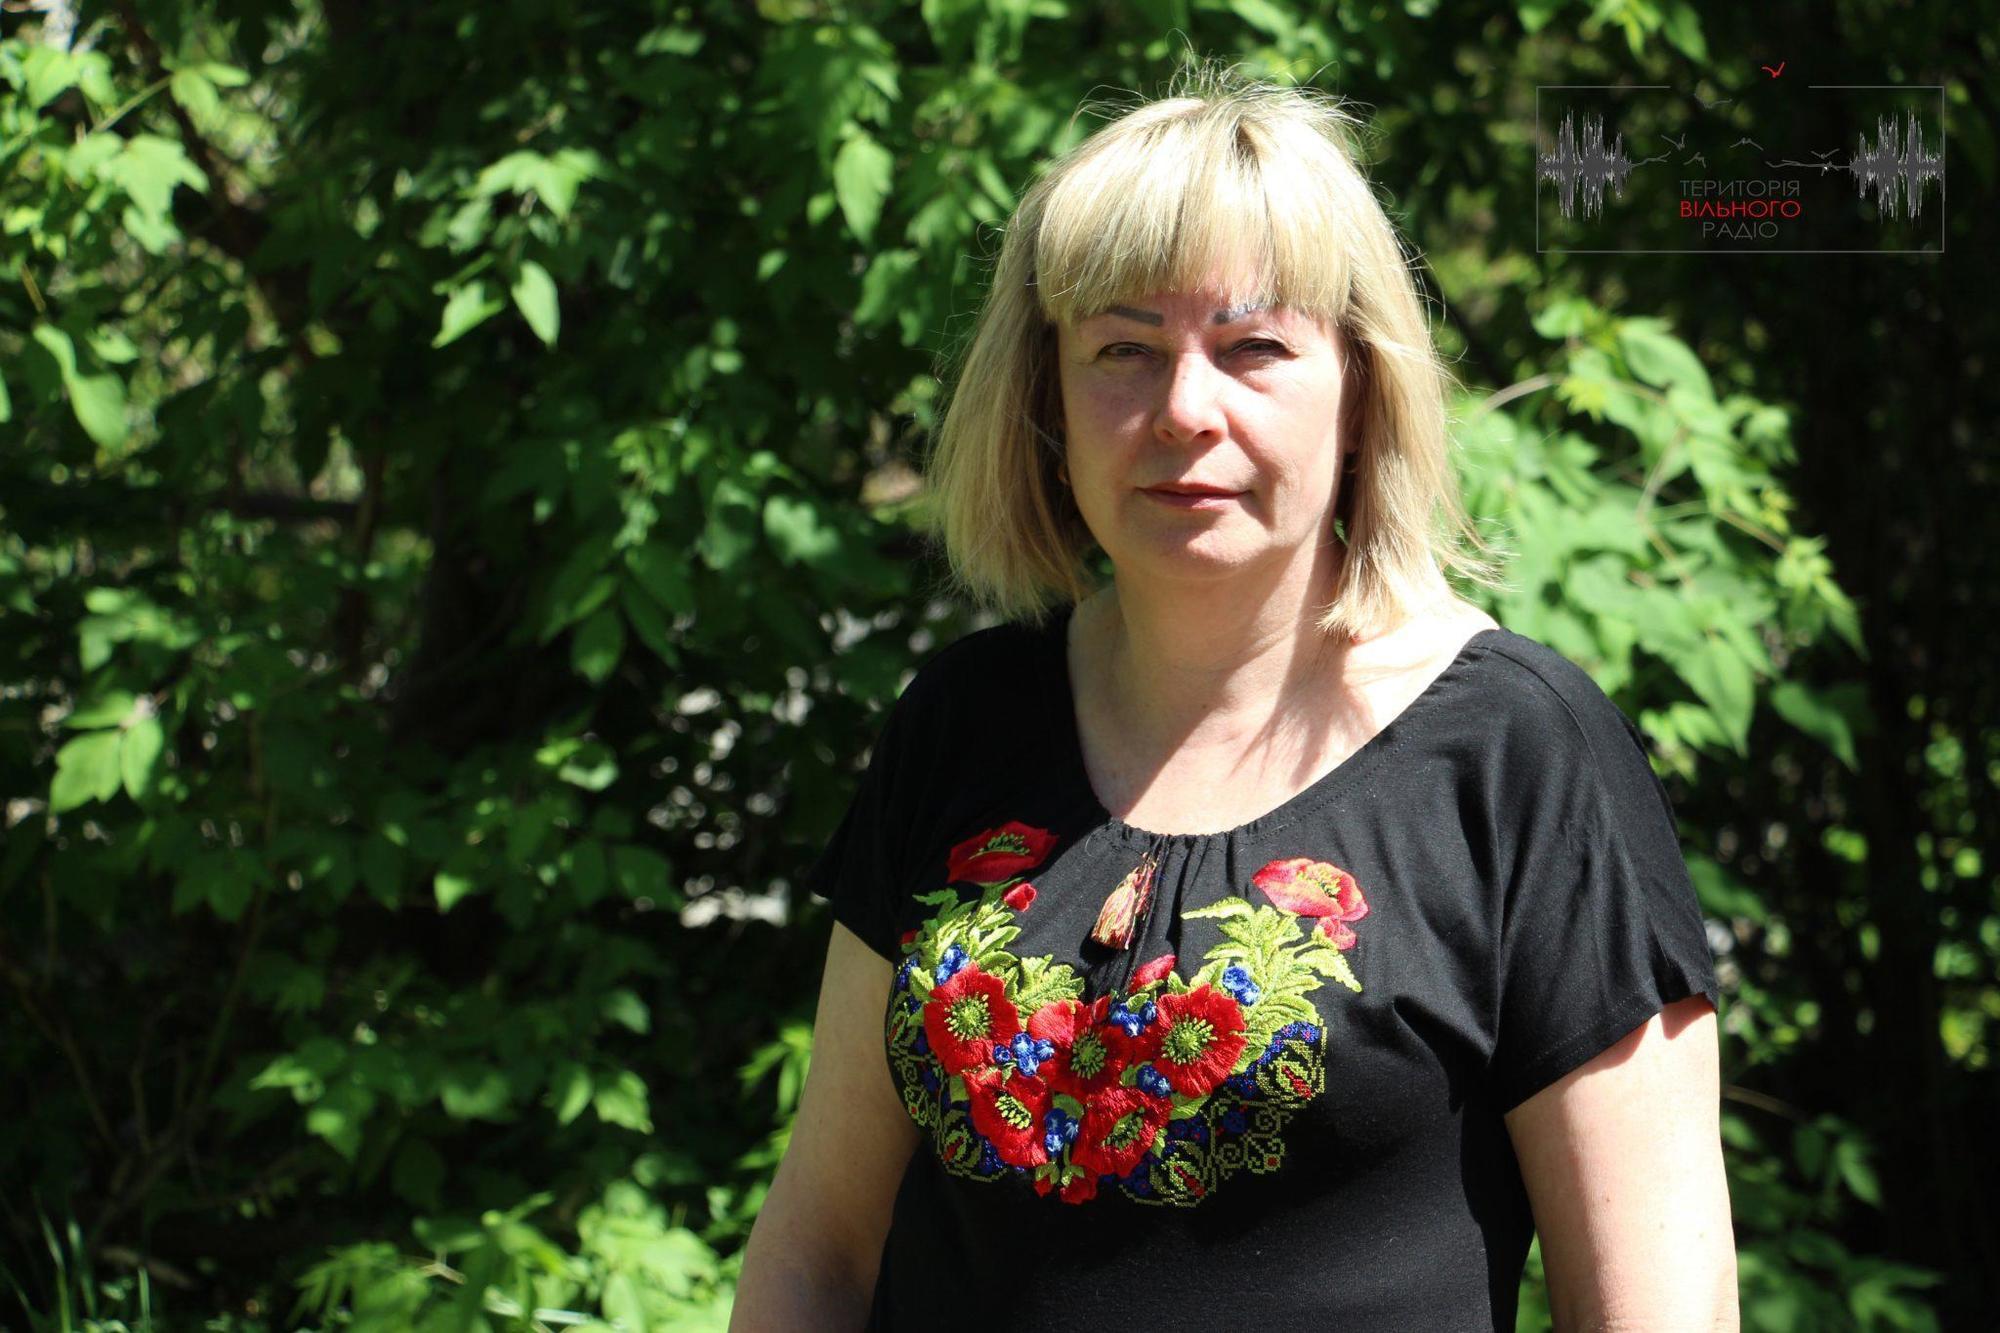 Сьогодні в Україні відзначають день вишиванки